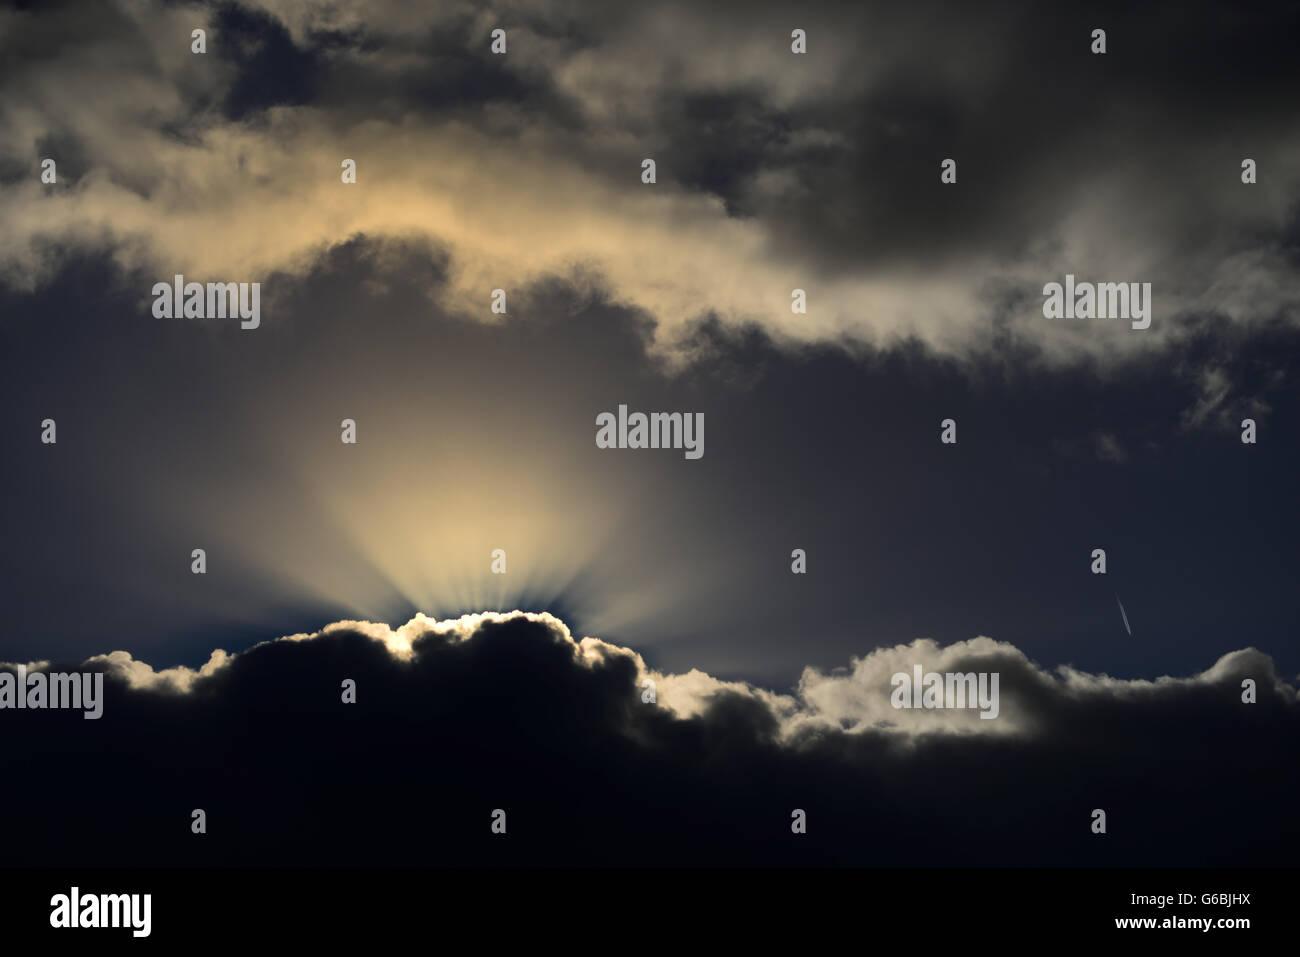 Les rayons du soleil qui brille d'un nuage. Photo Stock